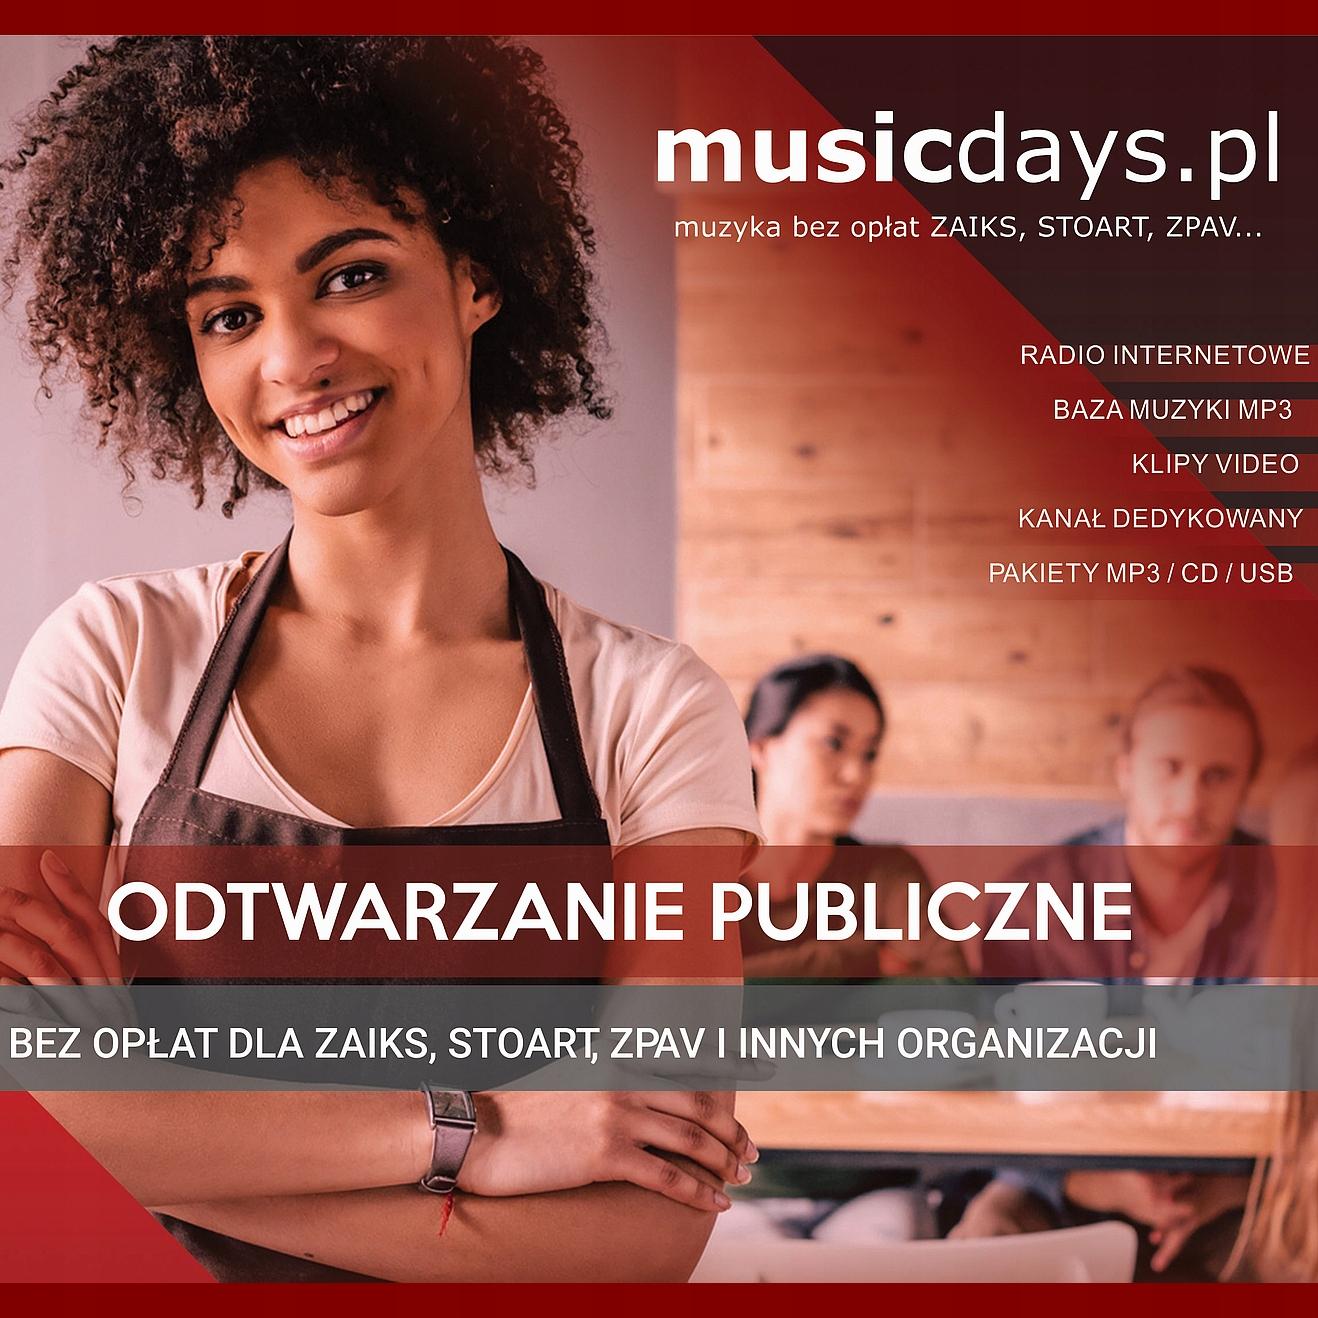 Hudba zadarmo Zaiks - 3 albumy Chill 1 MP3 + USB